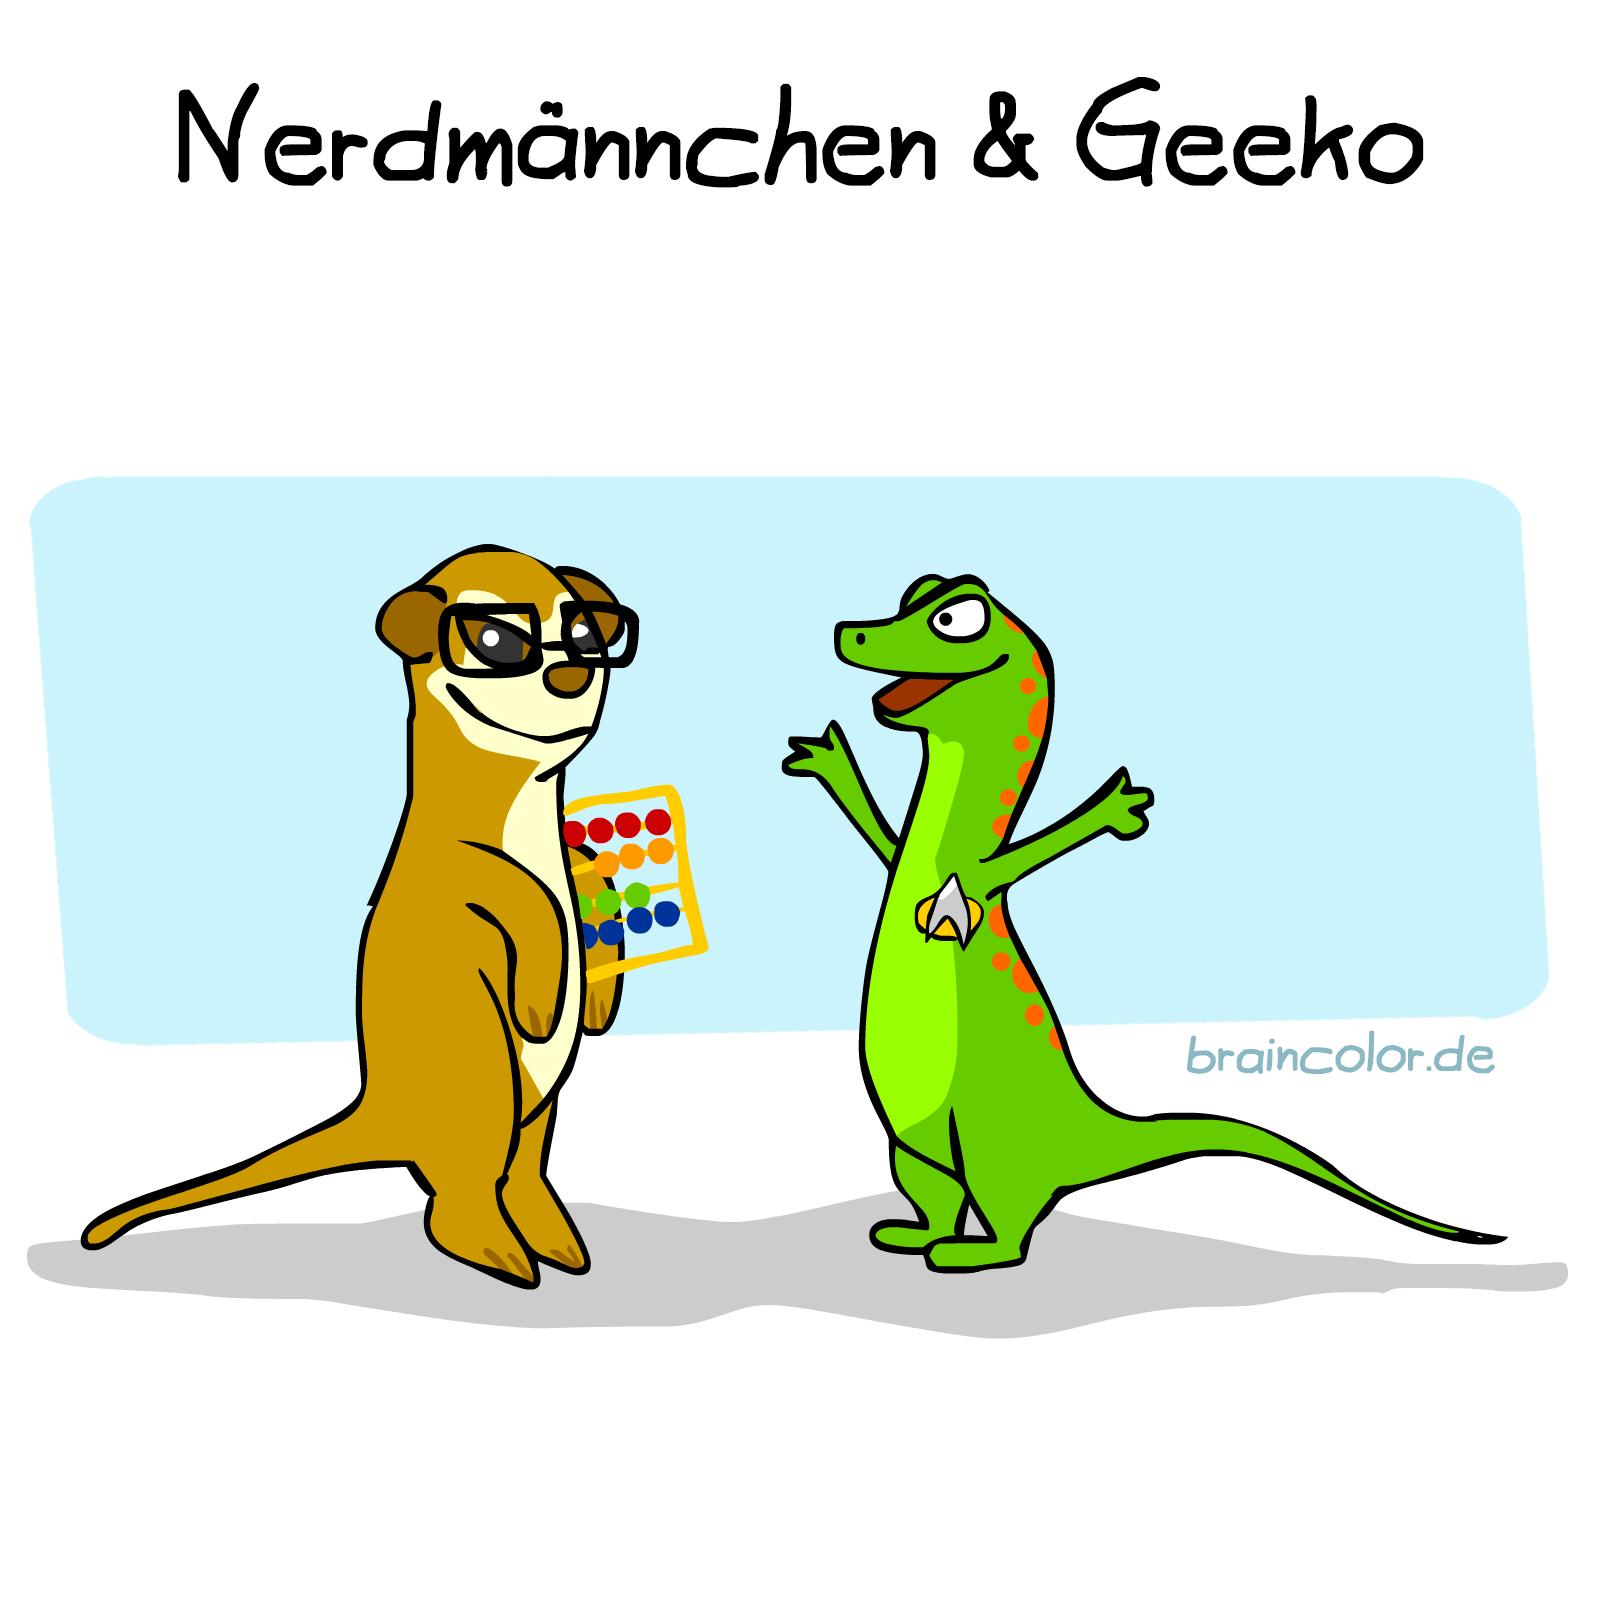 erdmännchen-gecko